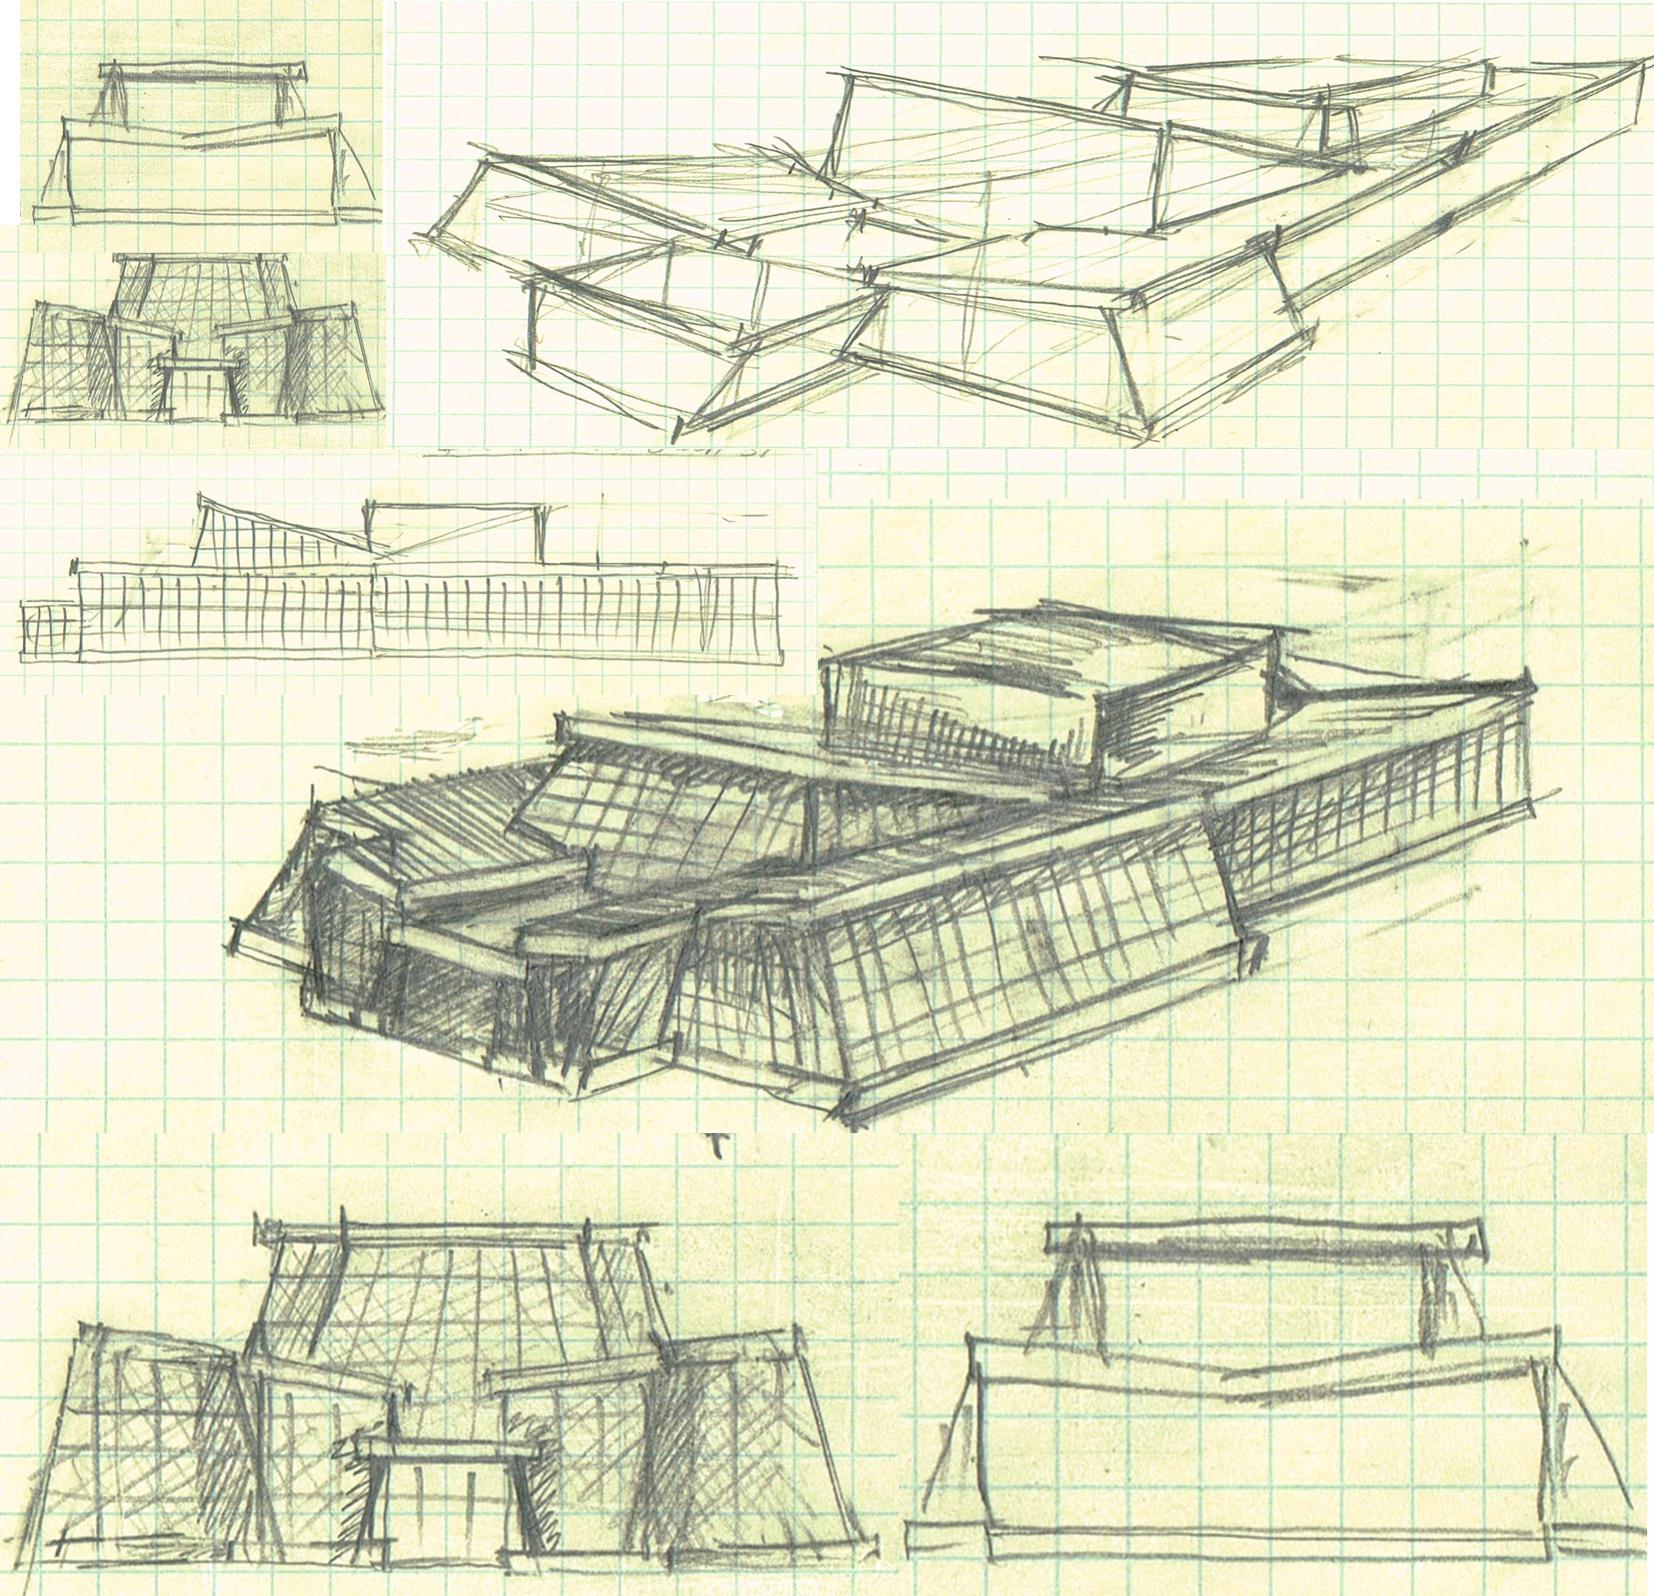 Разработка архитектурной концепции театра оперы и балета фото f_82652f4cb30b135c.jpg